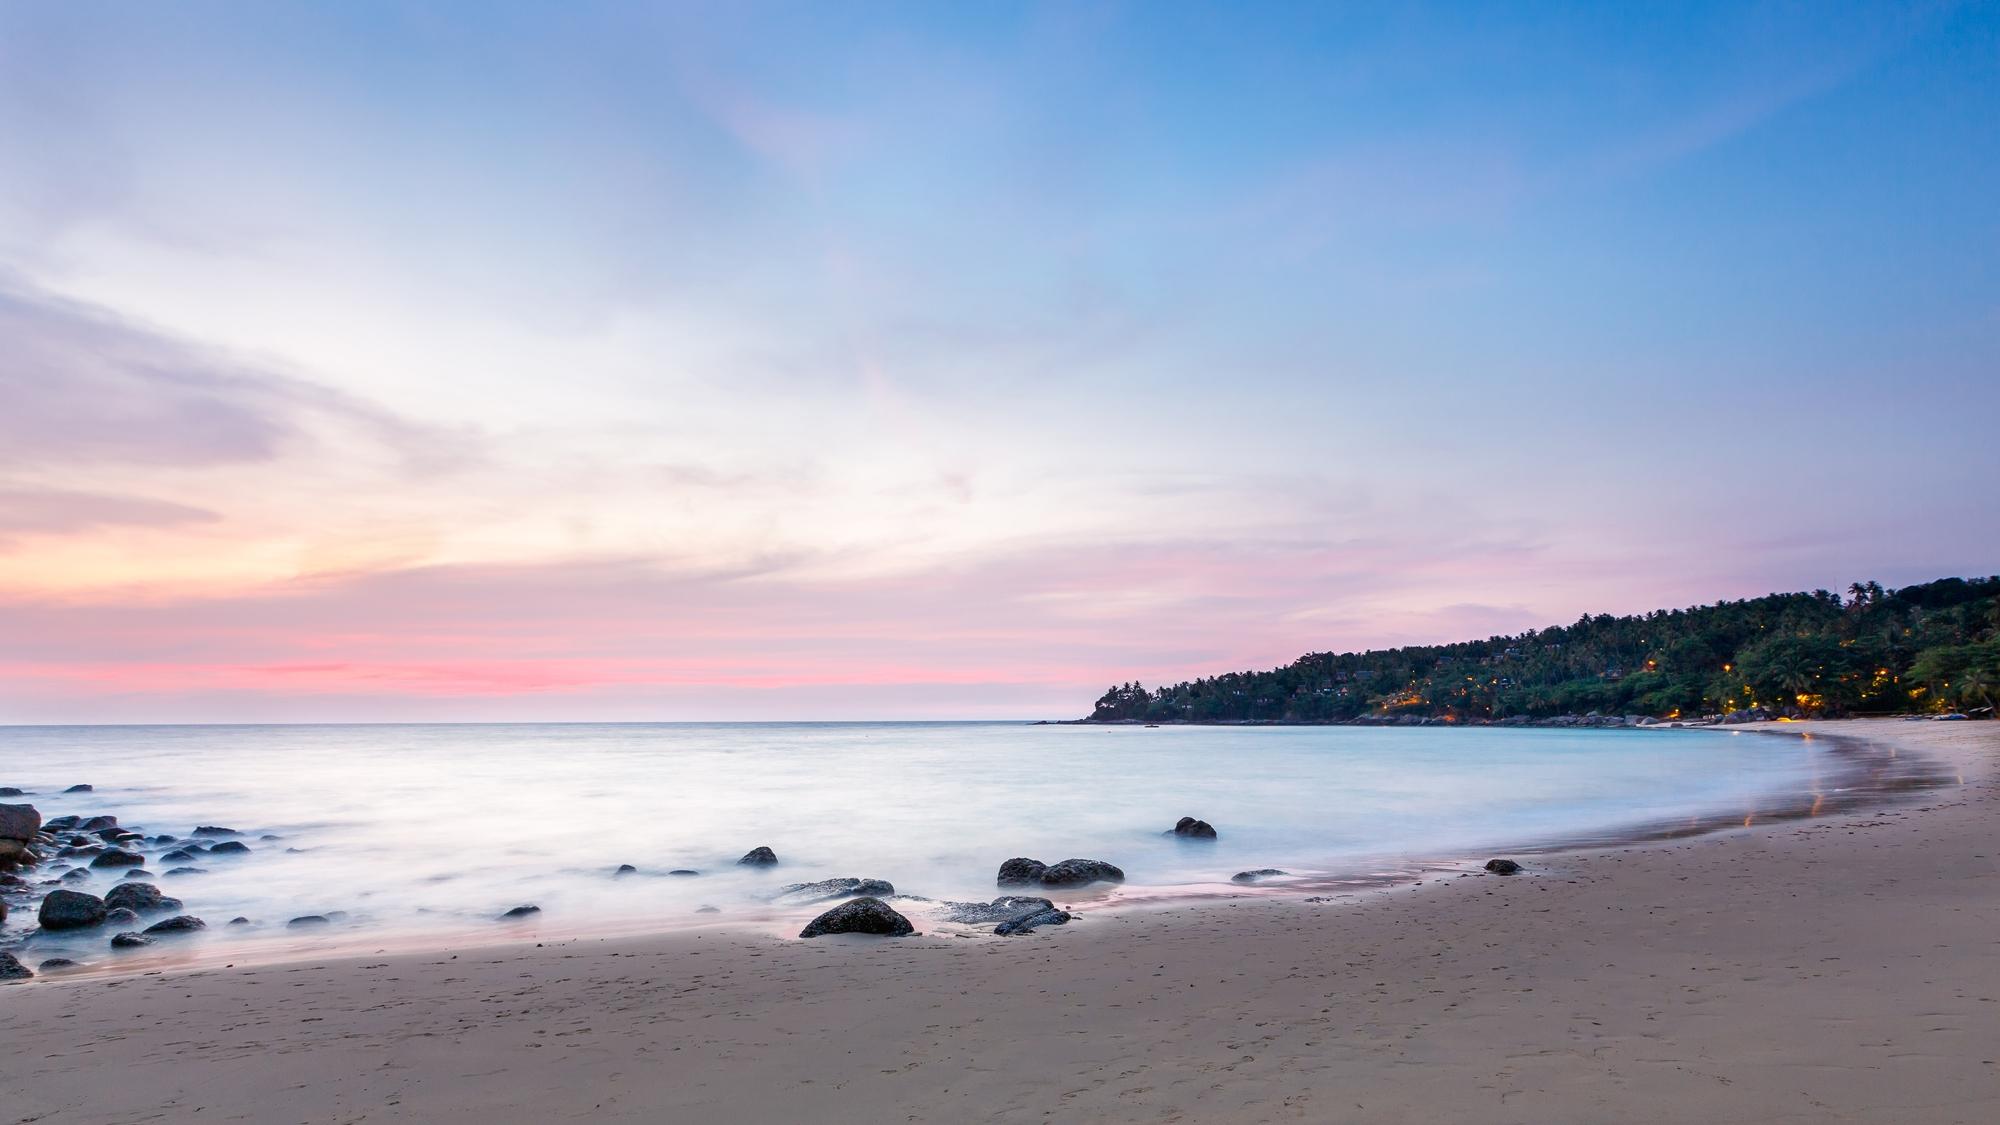 upload-large-pansea-beach08